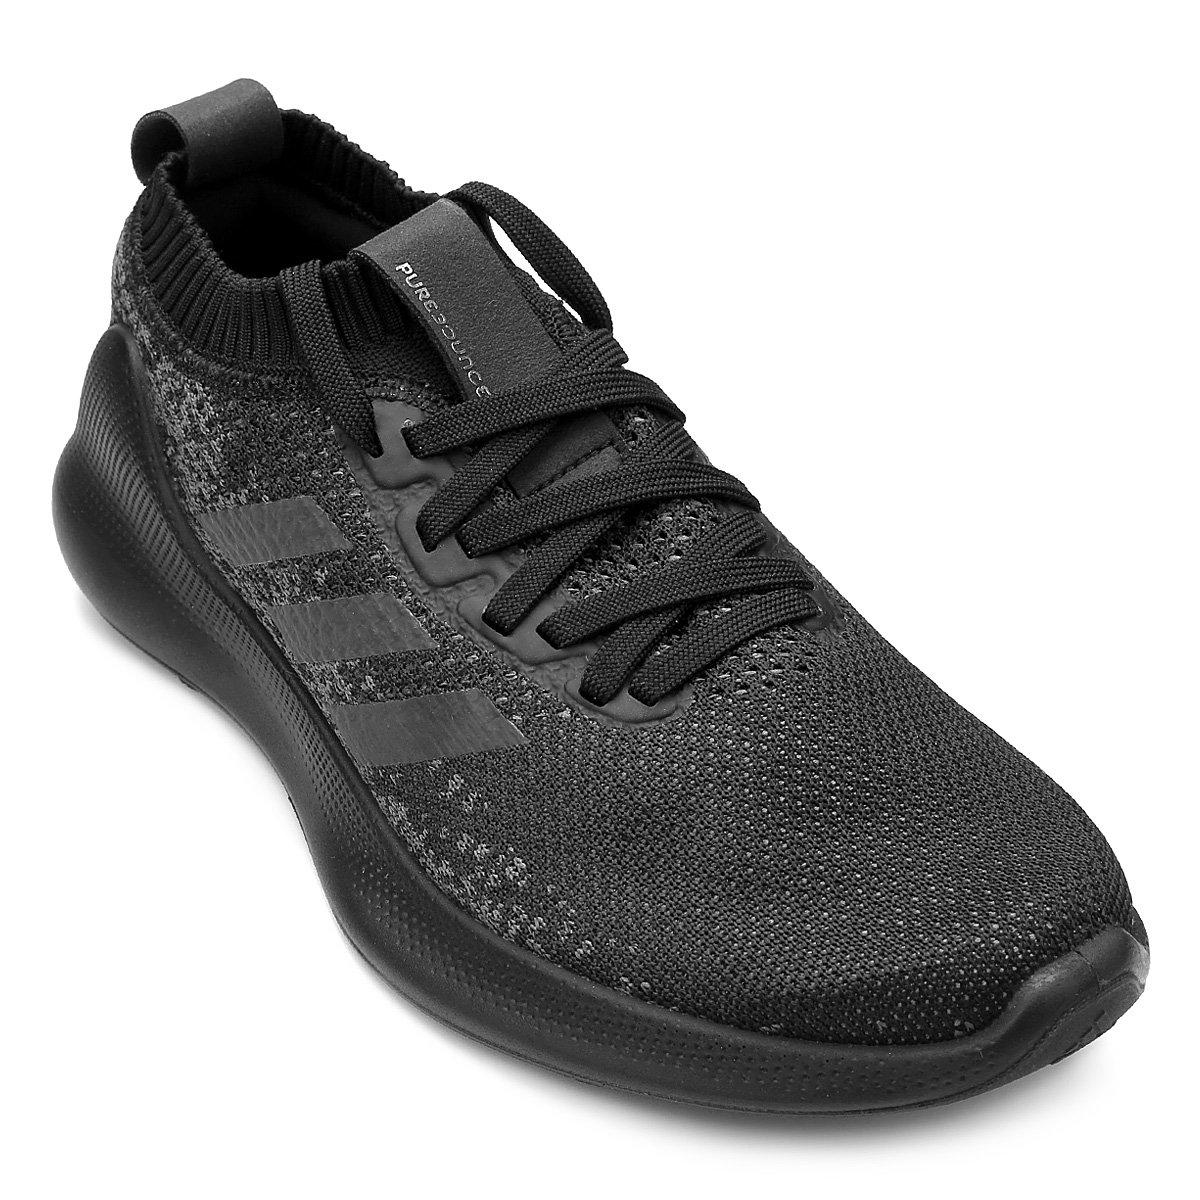 c4624279e4f Tênis Adidas Purebounce Feminino - Preto - Compre Agora